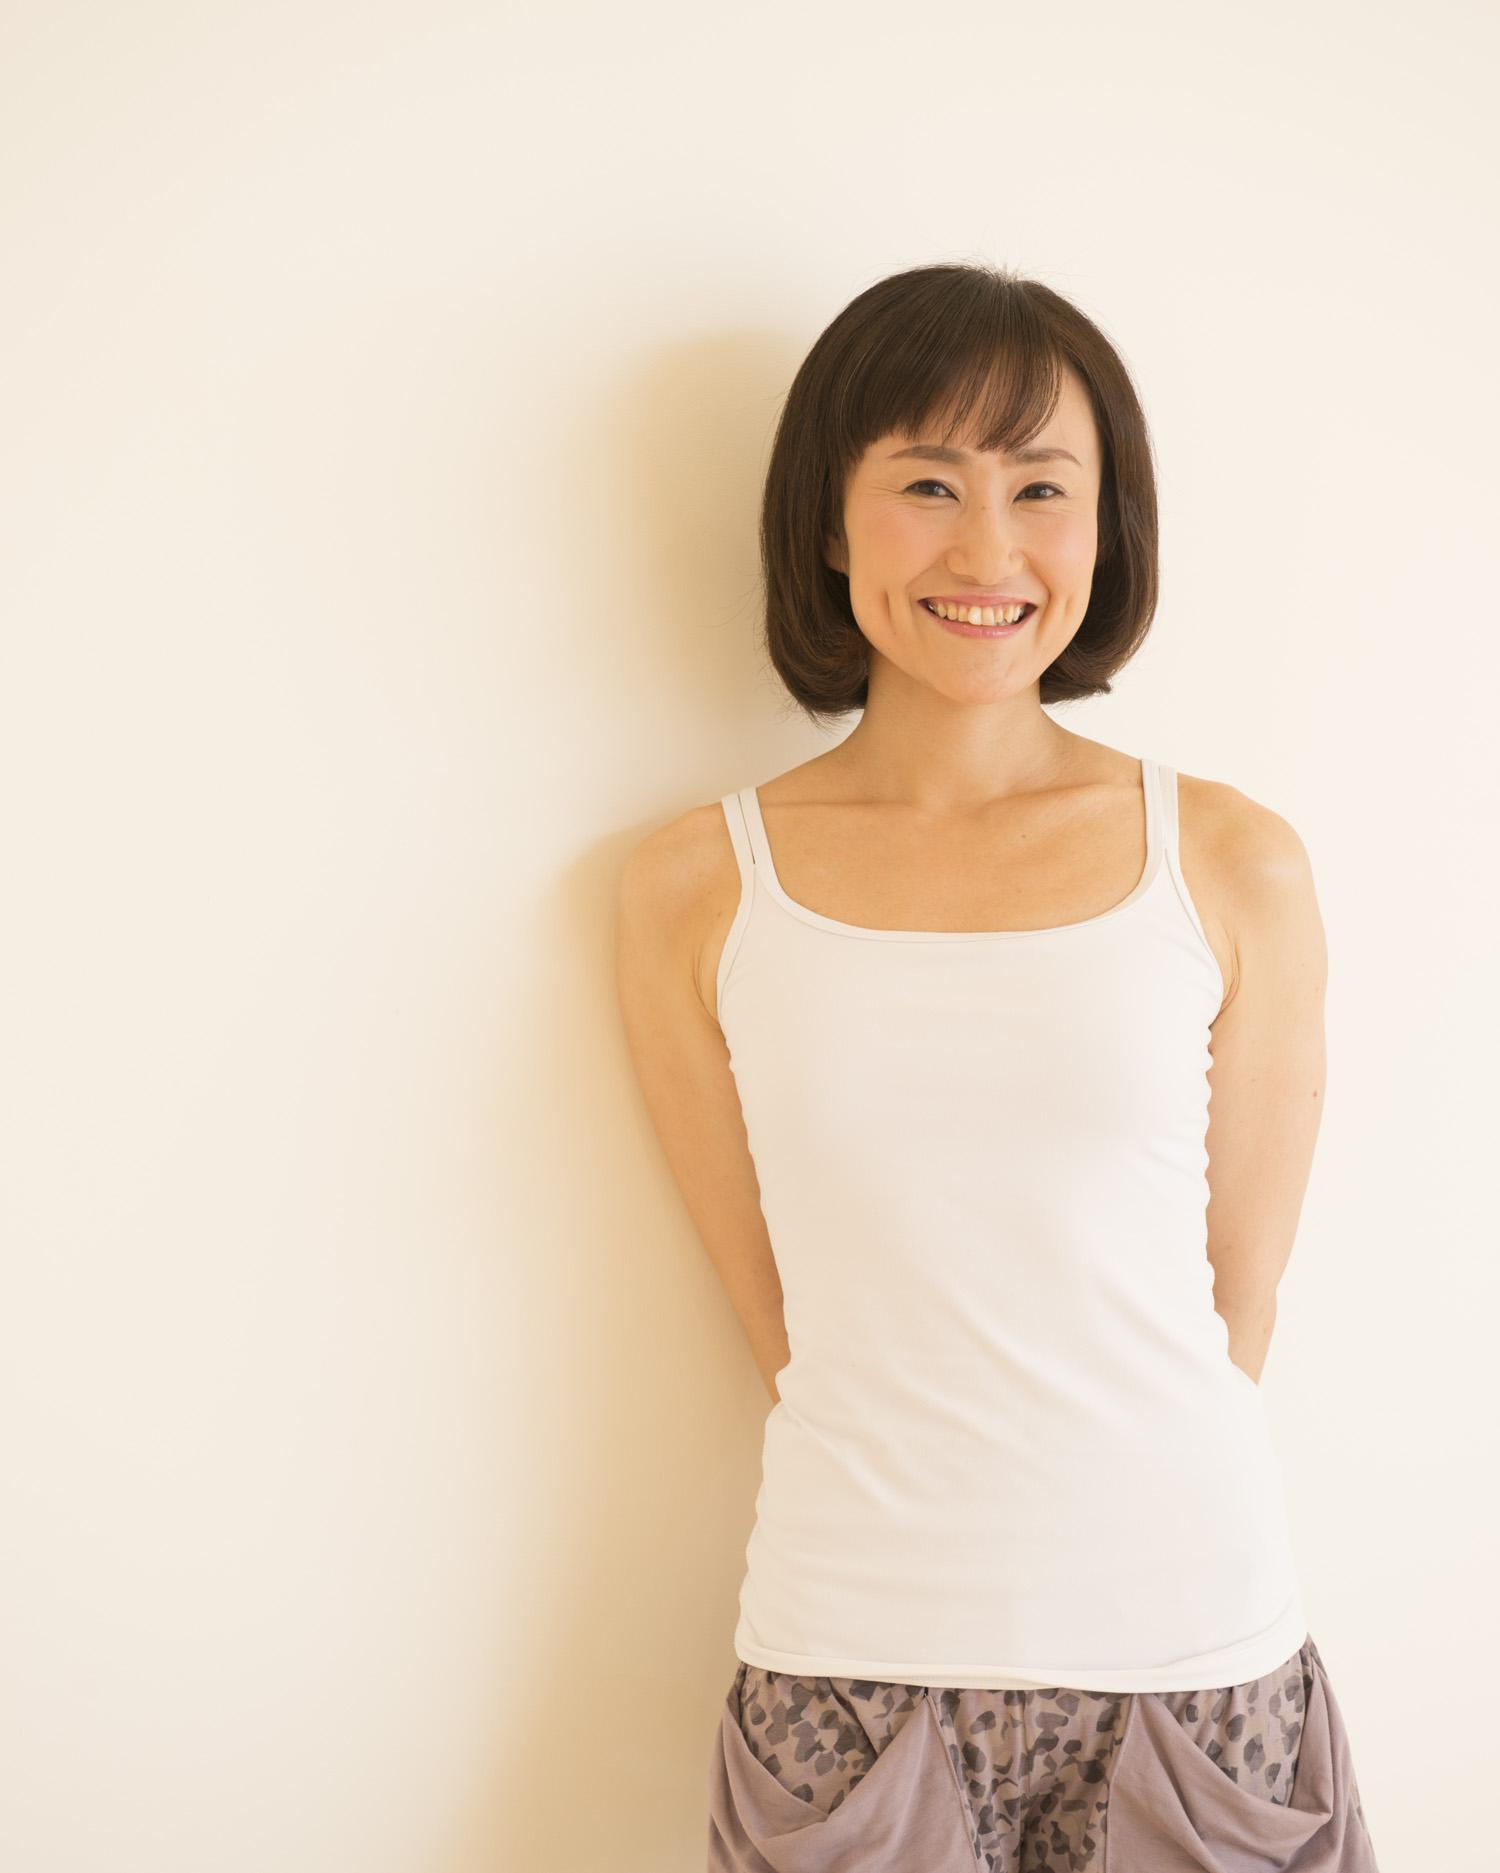 スタジオ・ヨギー京都 - ◇瞑想の基礎を学ぶ メディテーション・ベーシックコースの写真1